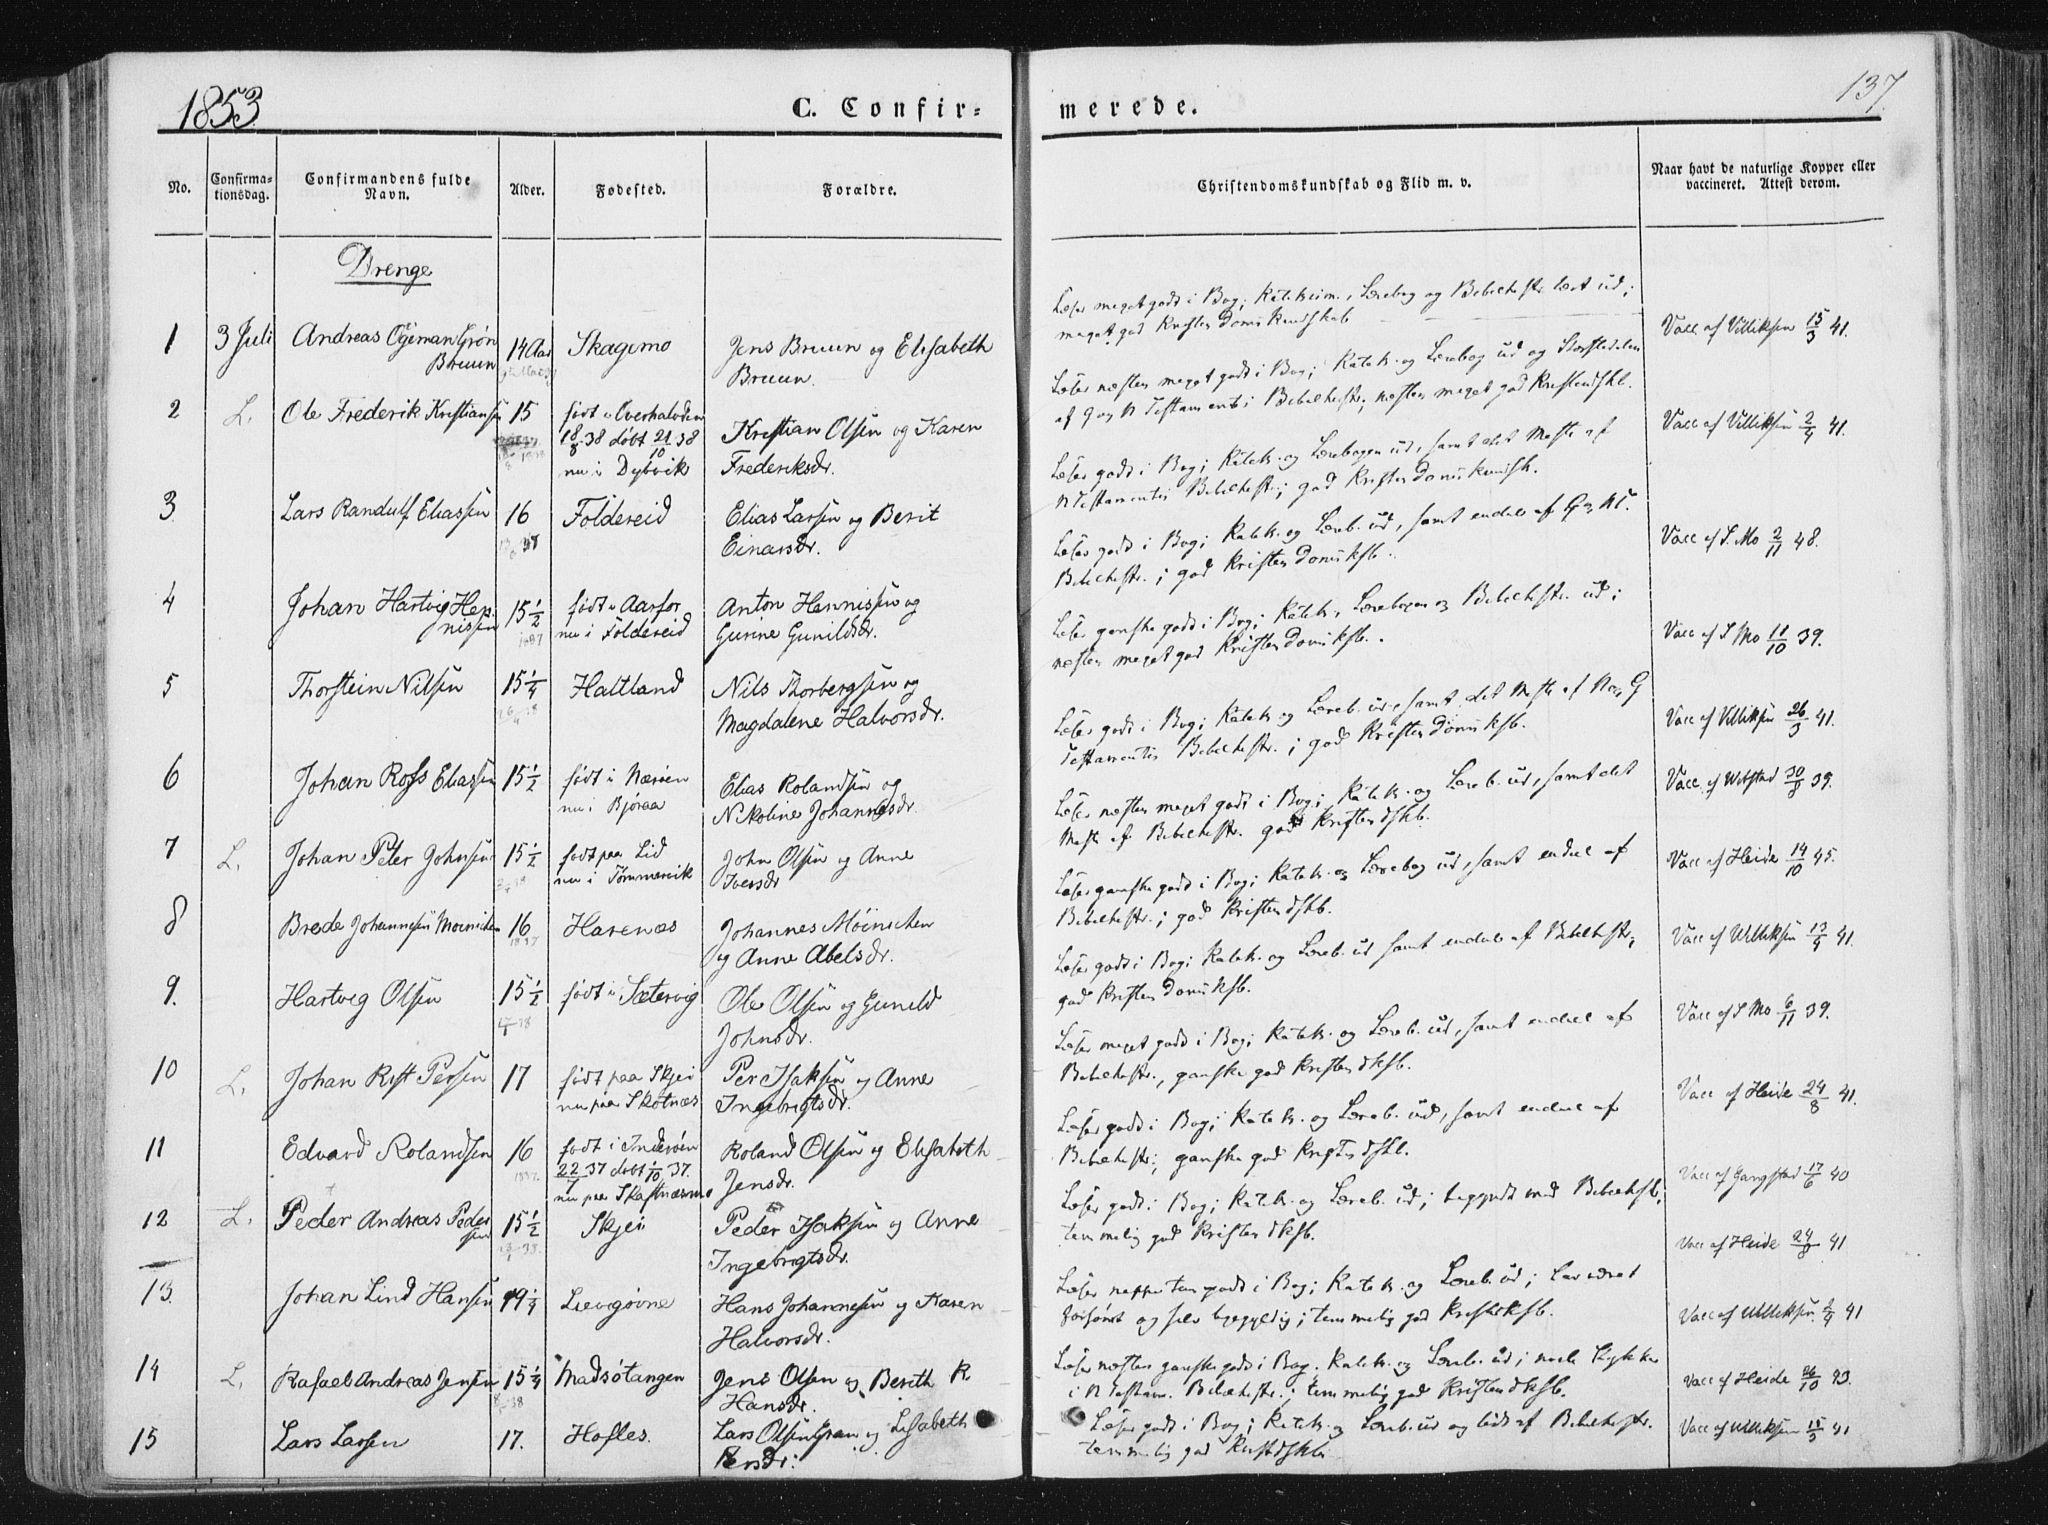 SAT, Ministerialprotokoller, klokkerbøker og fødselsregistre - Nord-Trøndelag, 780/L0640: Ministerialbok nr. 780A05, 1845-1856, s. 137